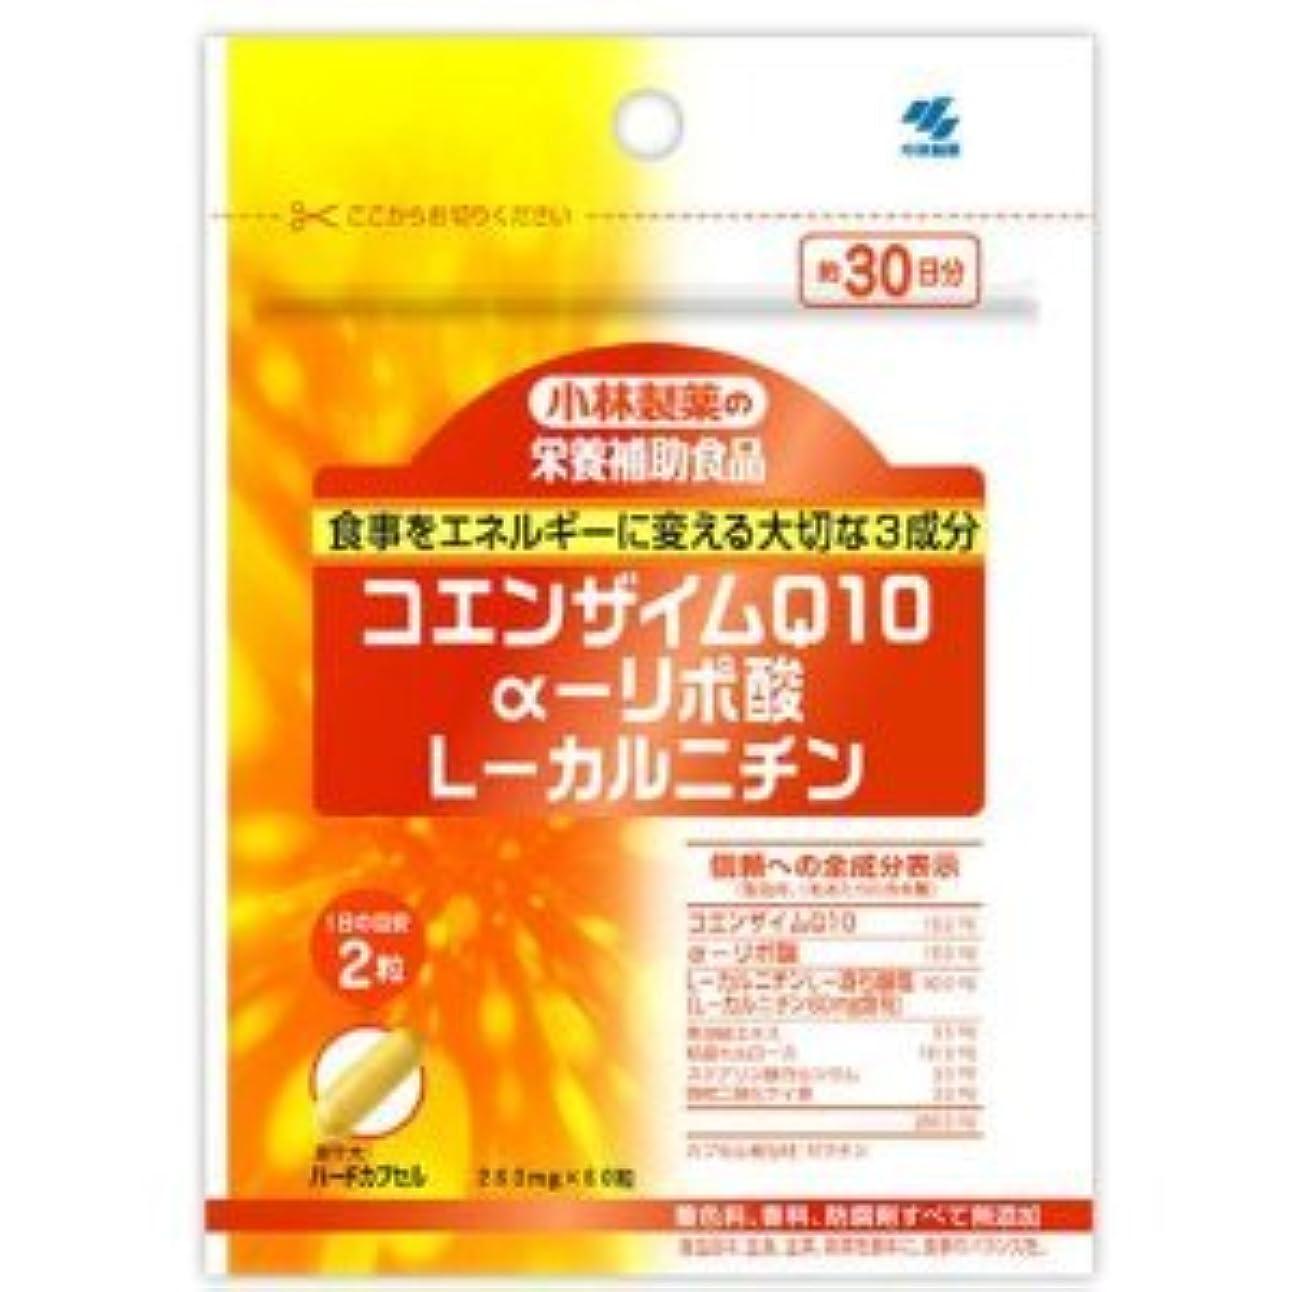 丁寧年齢ゴミ小林製薬の栄養補助食品 コエンザイムQ10 αリポ酸 L-カルニチン 60粒 3個セット